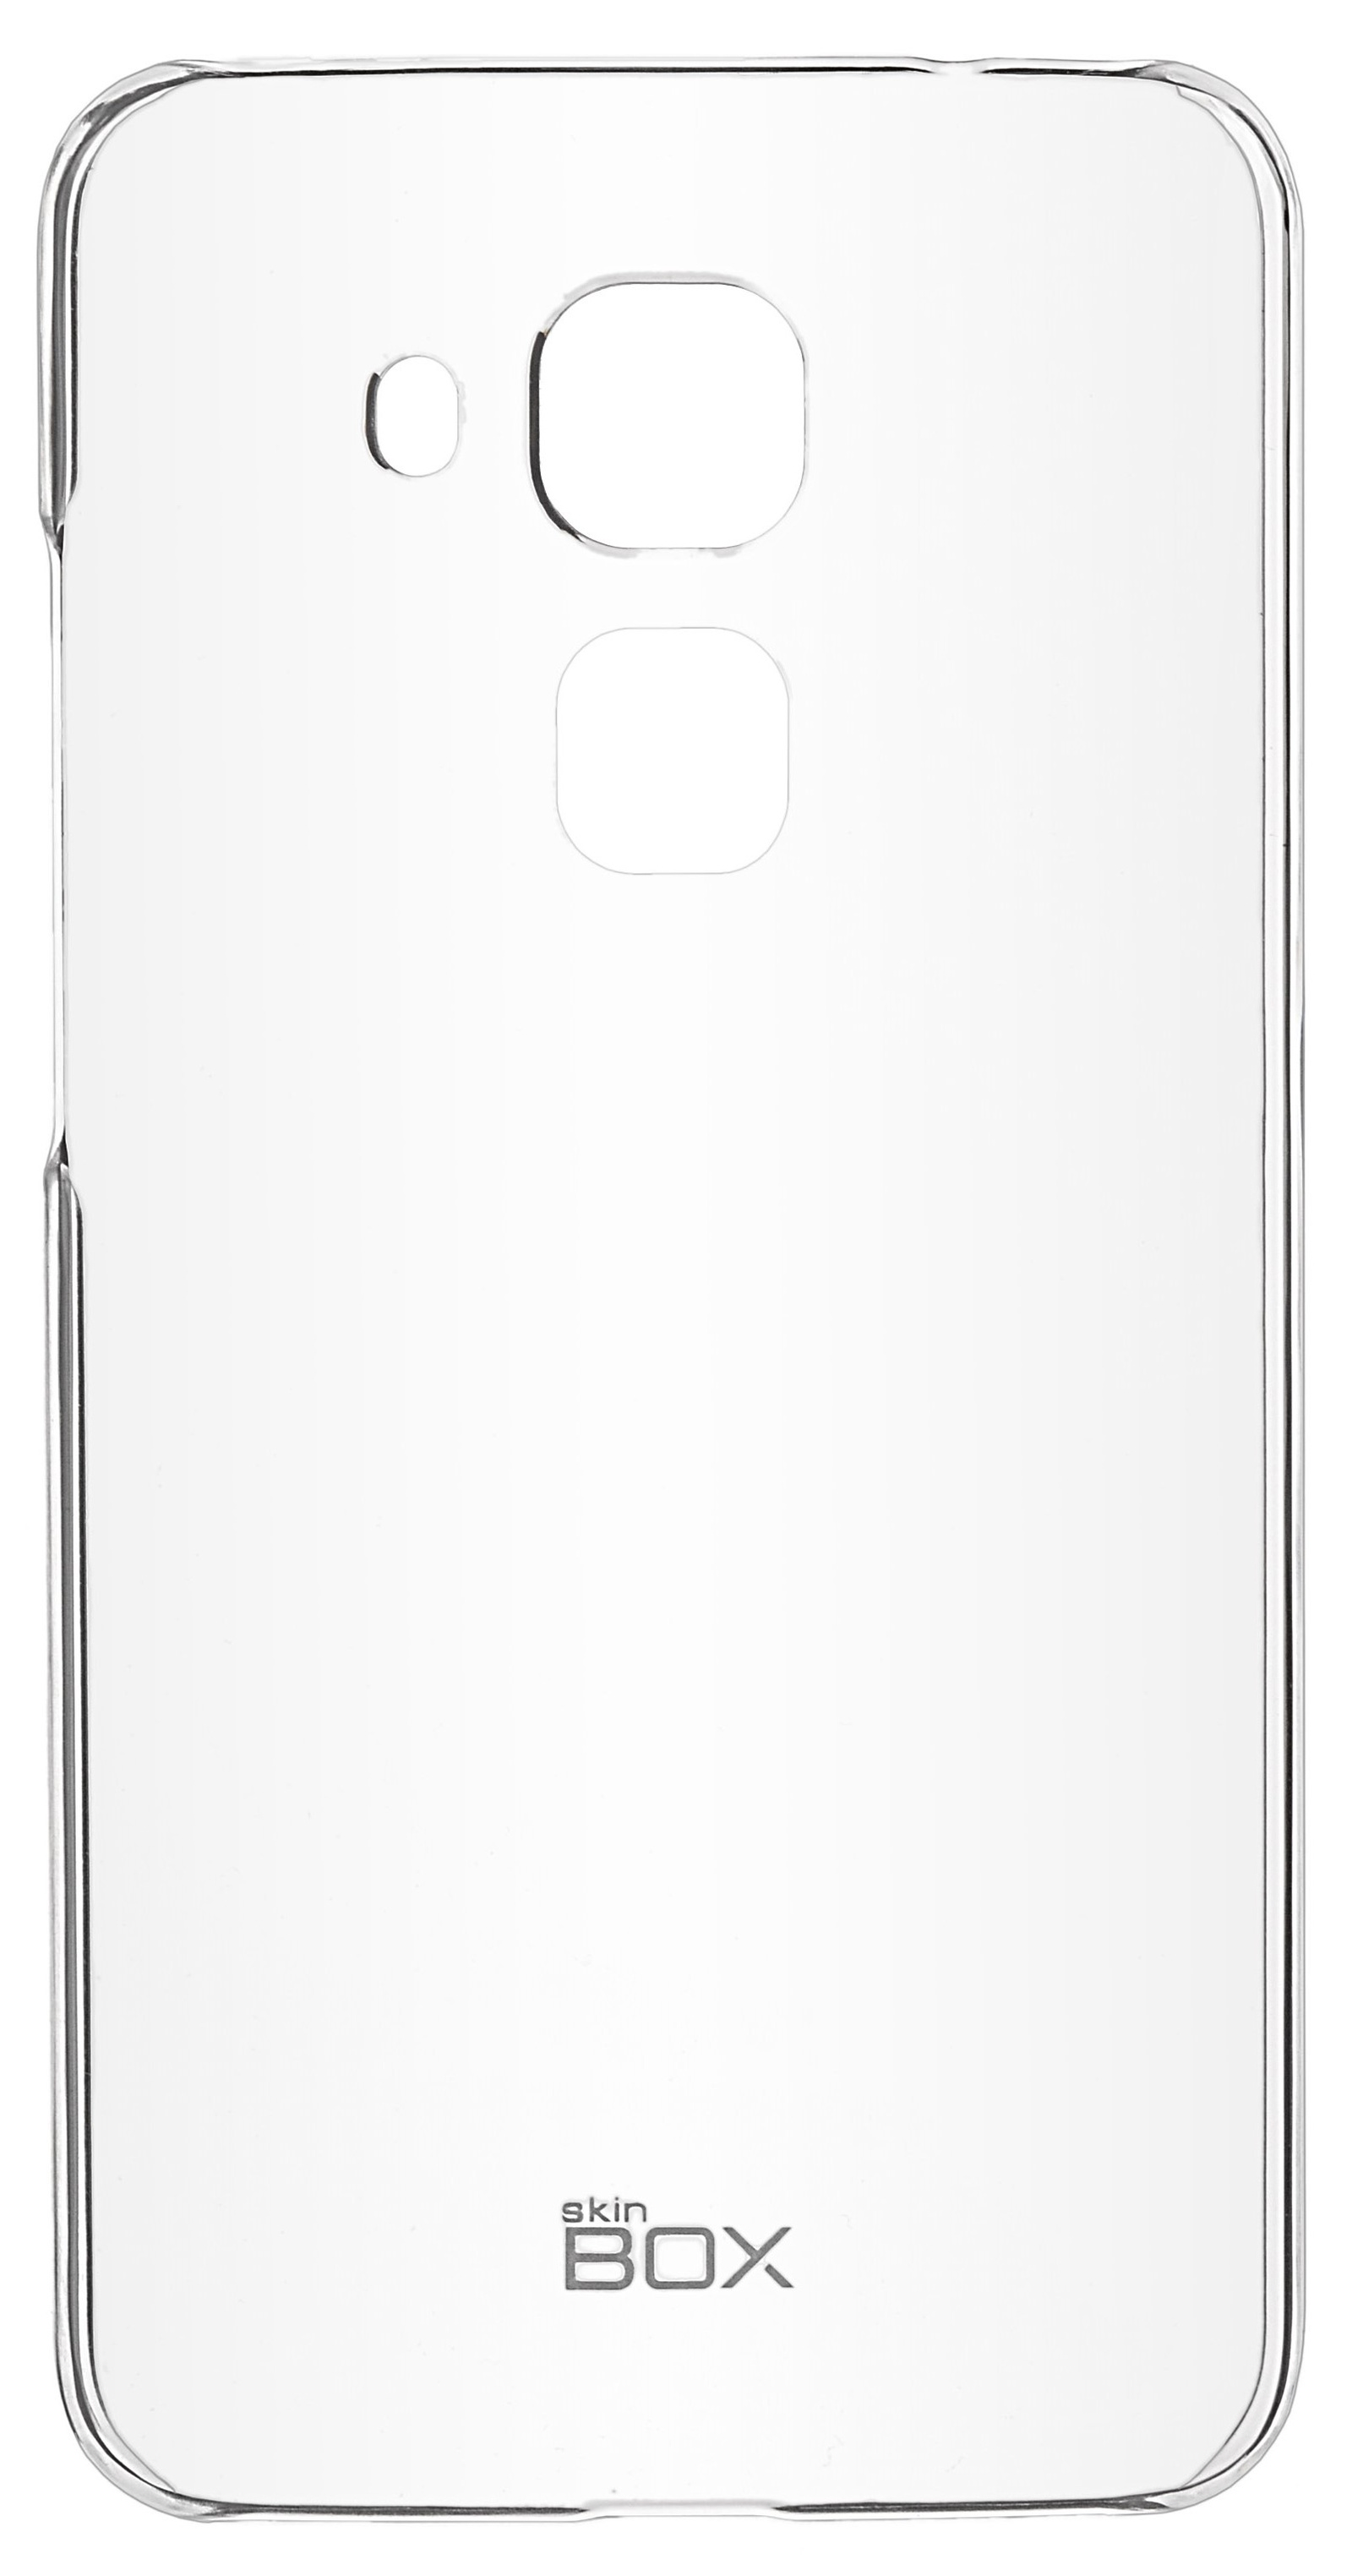 Чехол для сотового телефона skinBOX Crystal, 4630042529045, прозрачный чехол для сотового телефона skinbox crystal 4630042528109 прозрачный